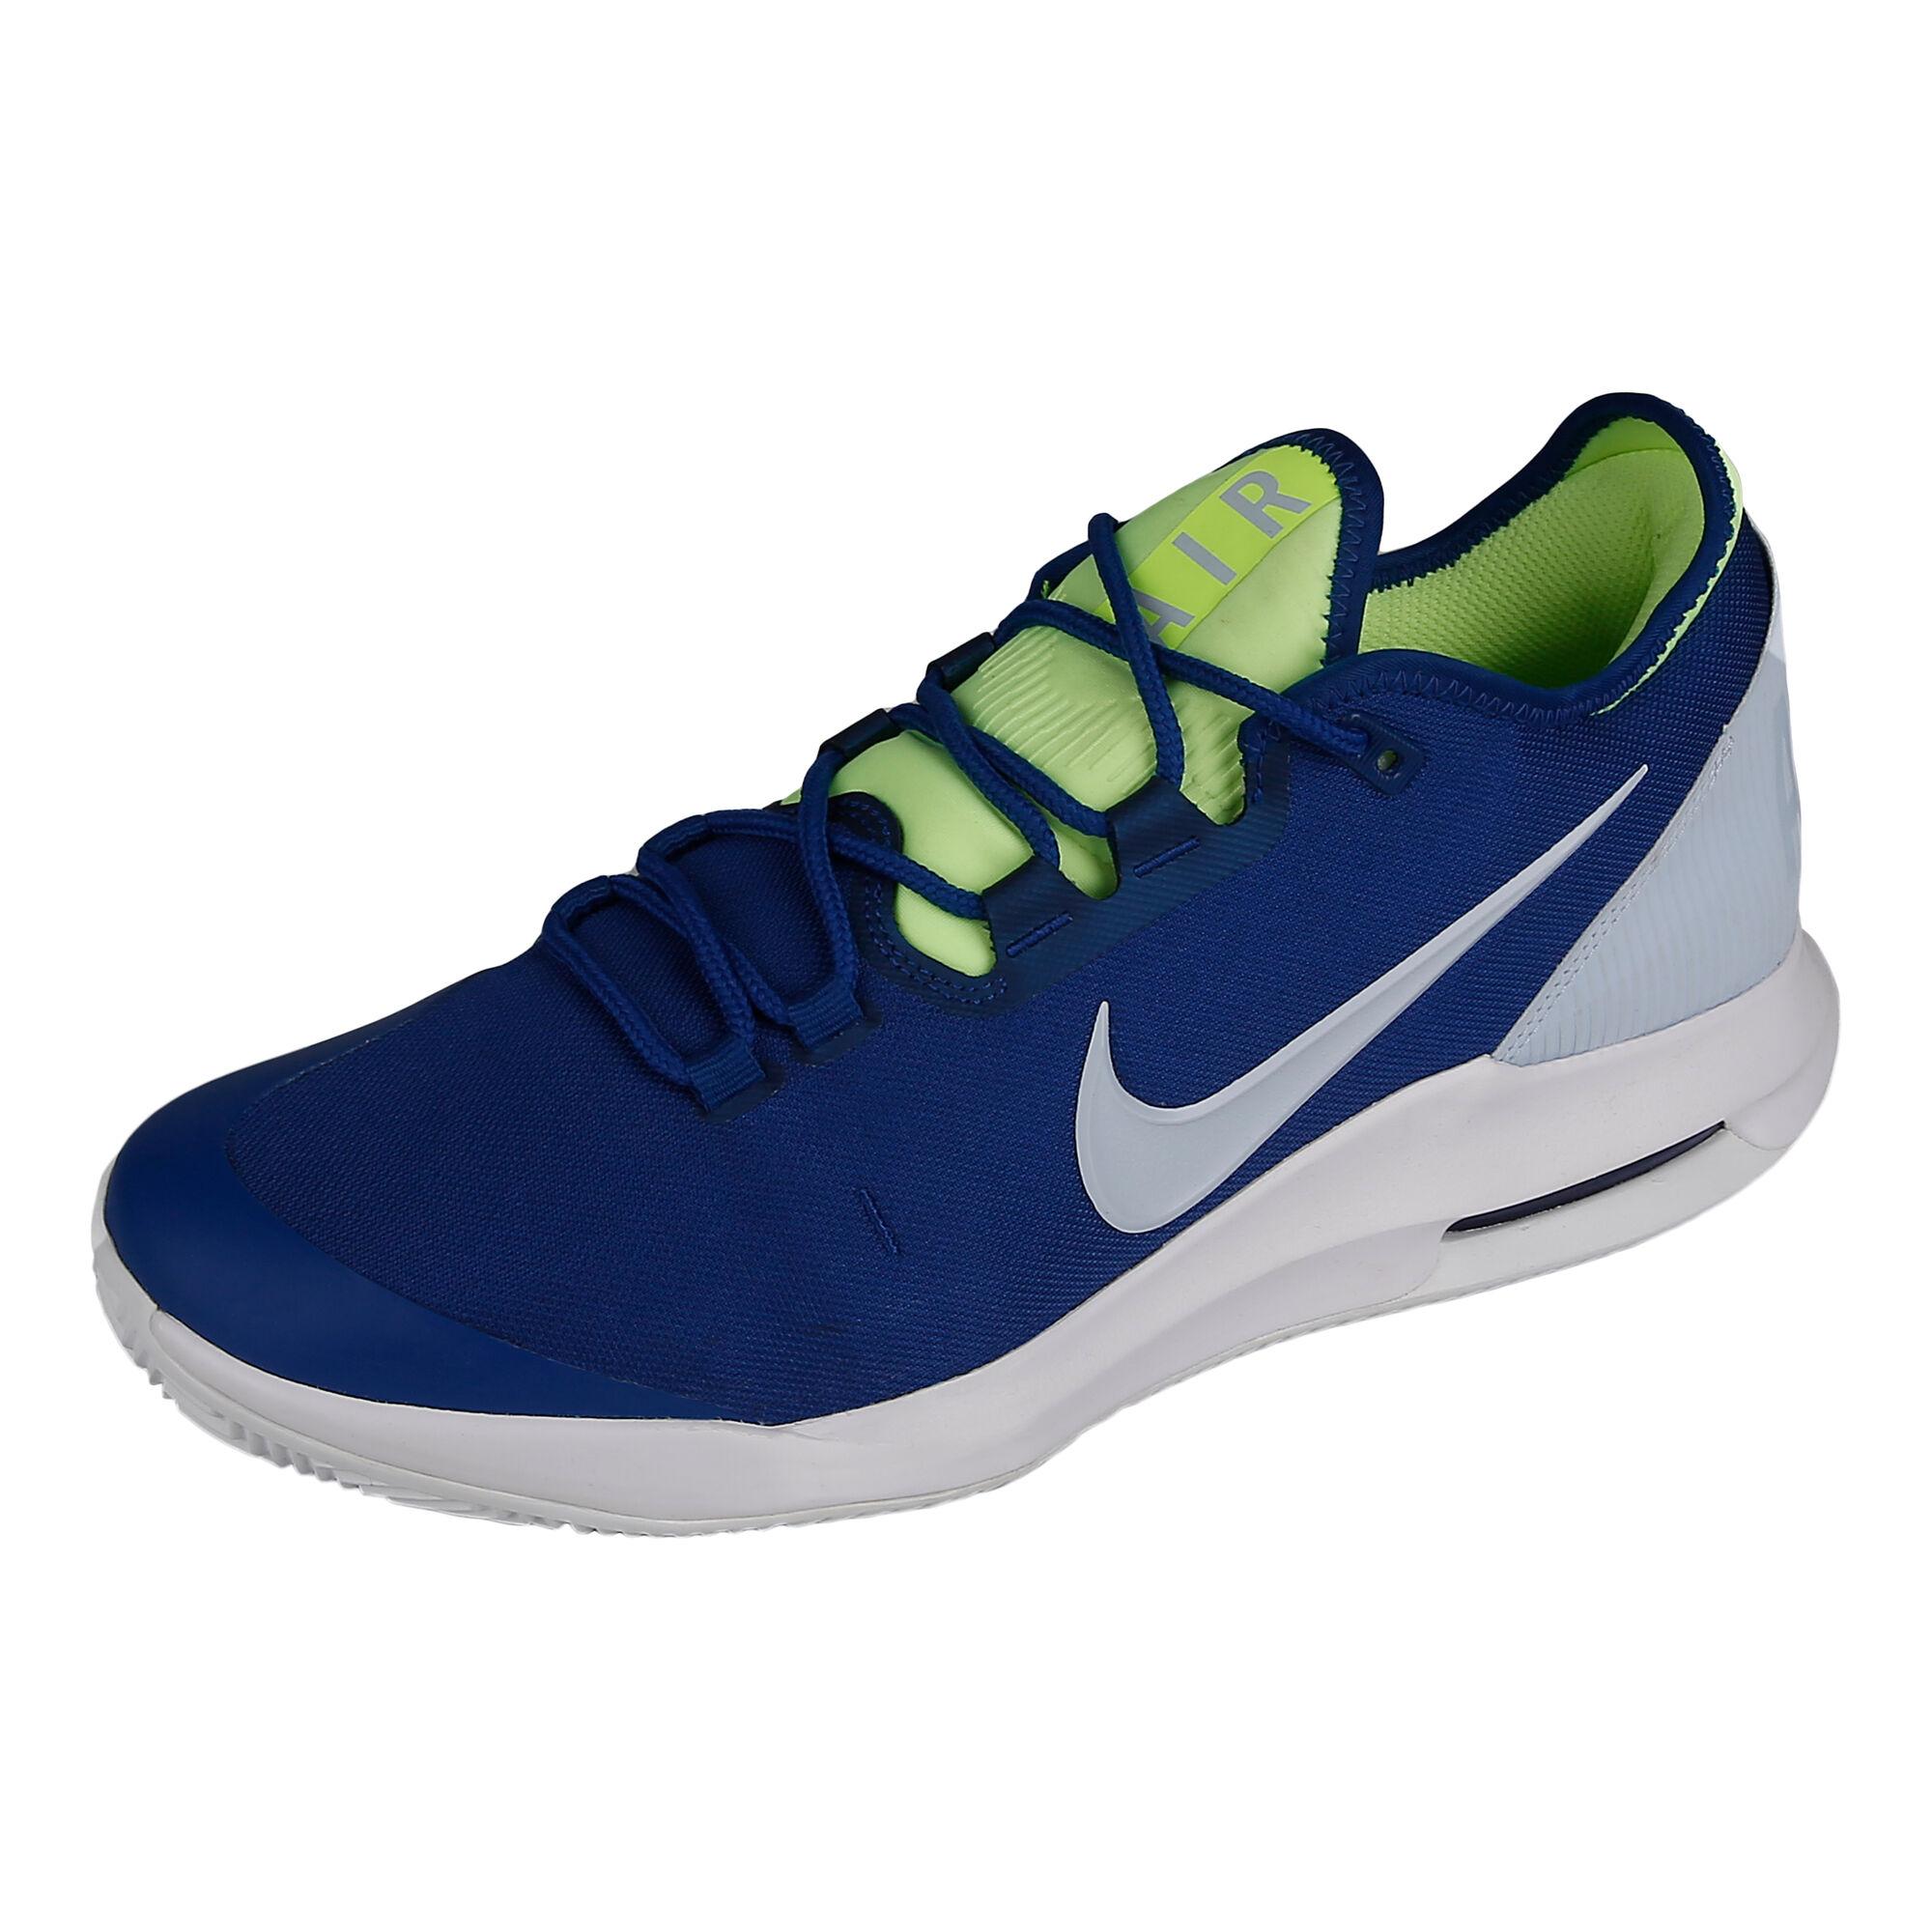 d1af9ed3 Nike Air Max Wildcard Clay Sko För Grus Herrar - Blå, Neongrön köp ...